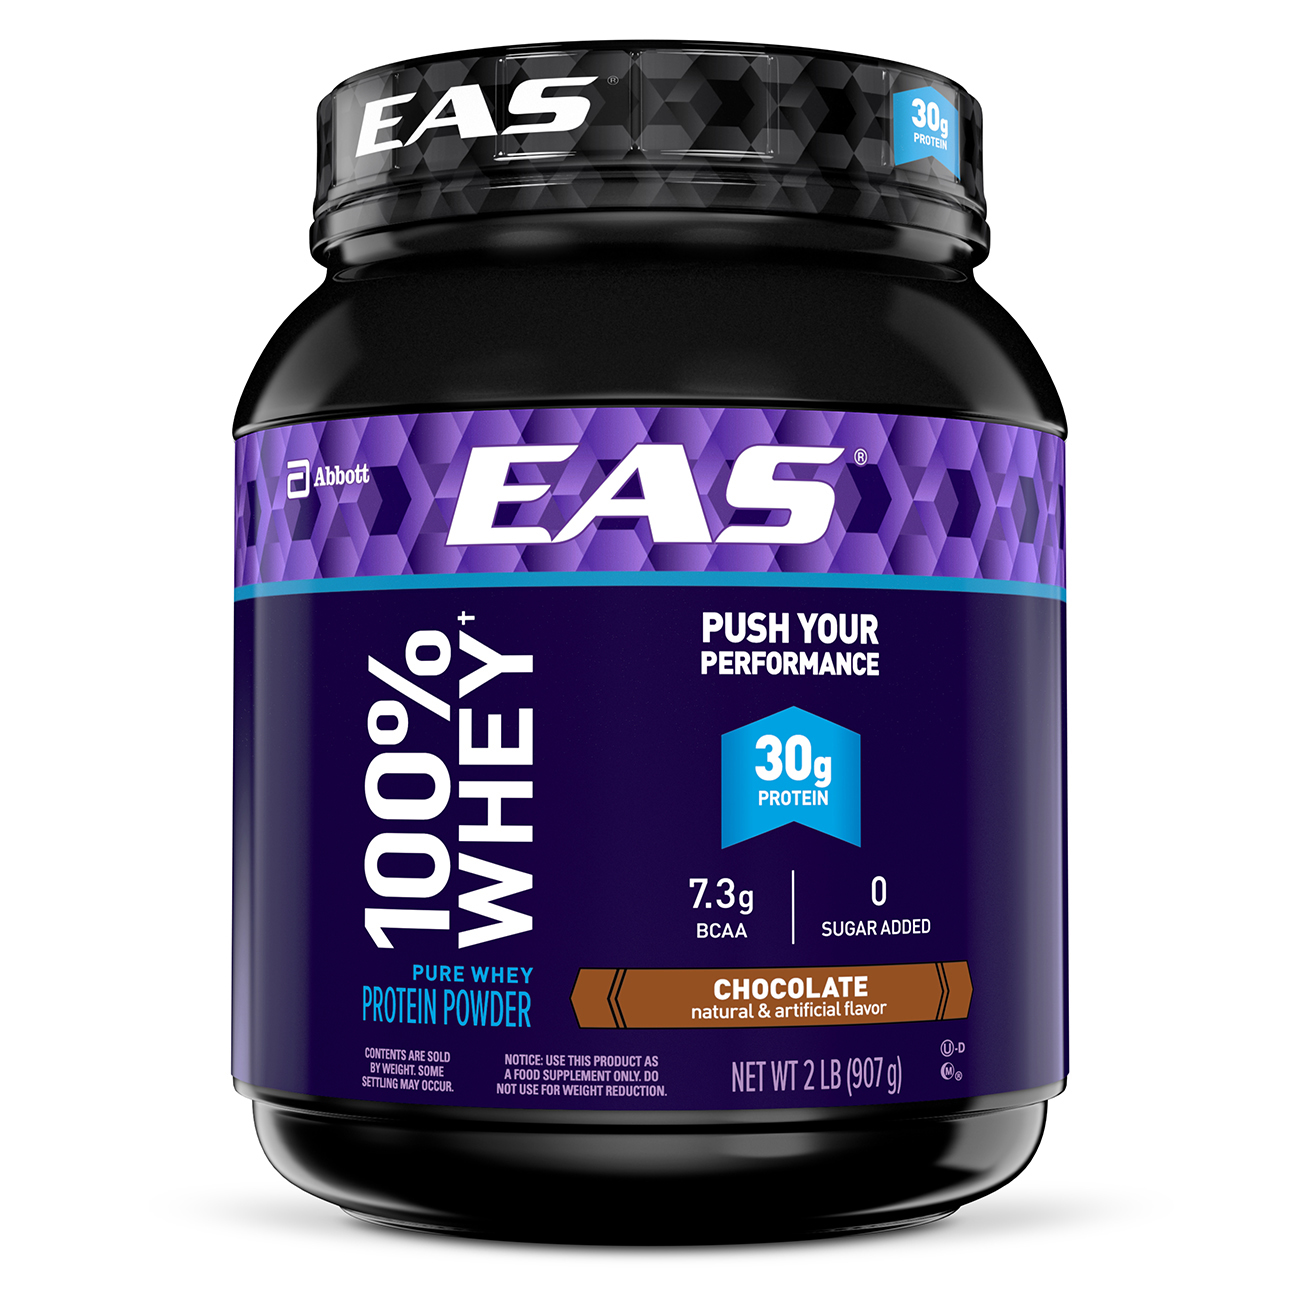 EAS 100% Whey Protein Powder, Chocolate, 30g Protein, 2 lb